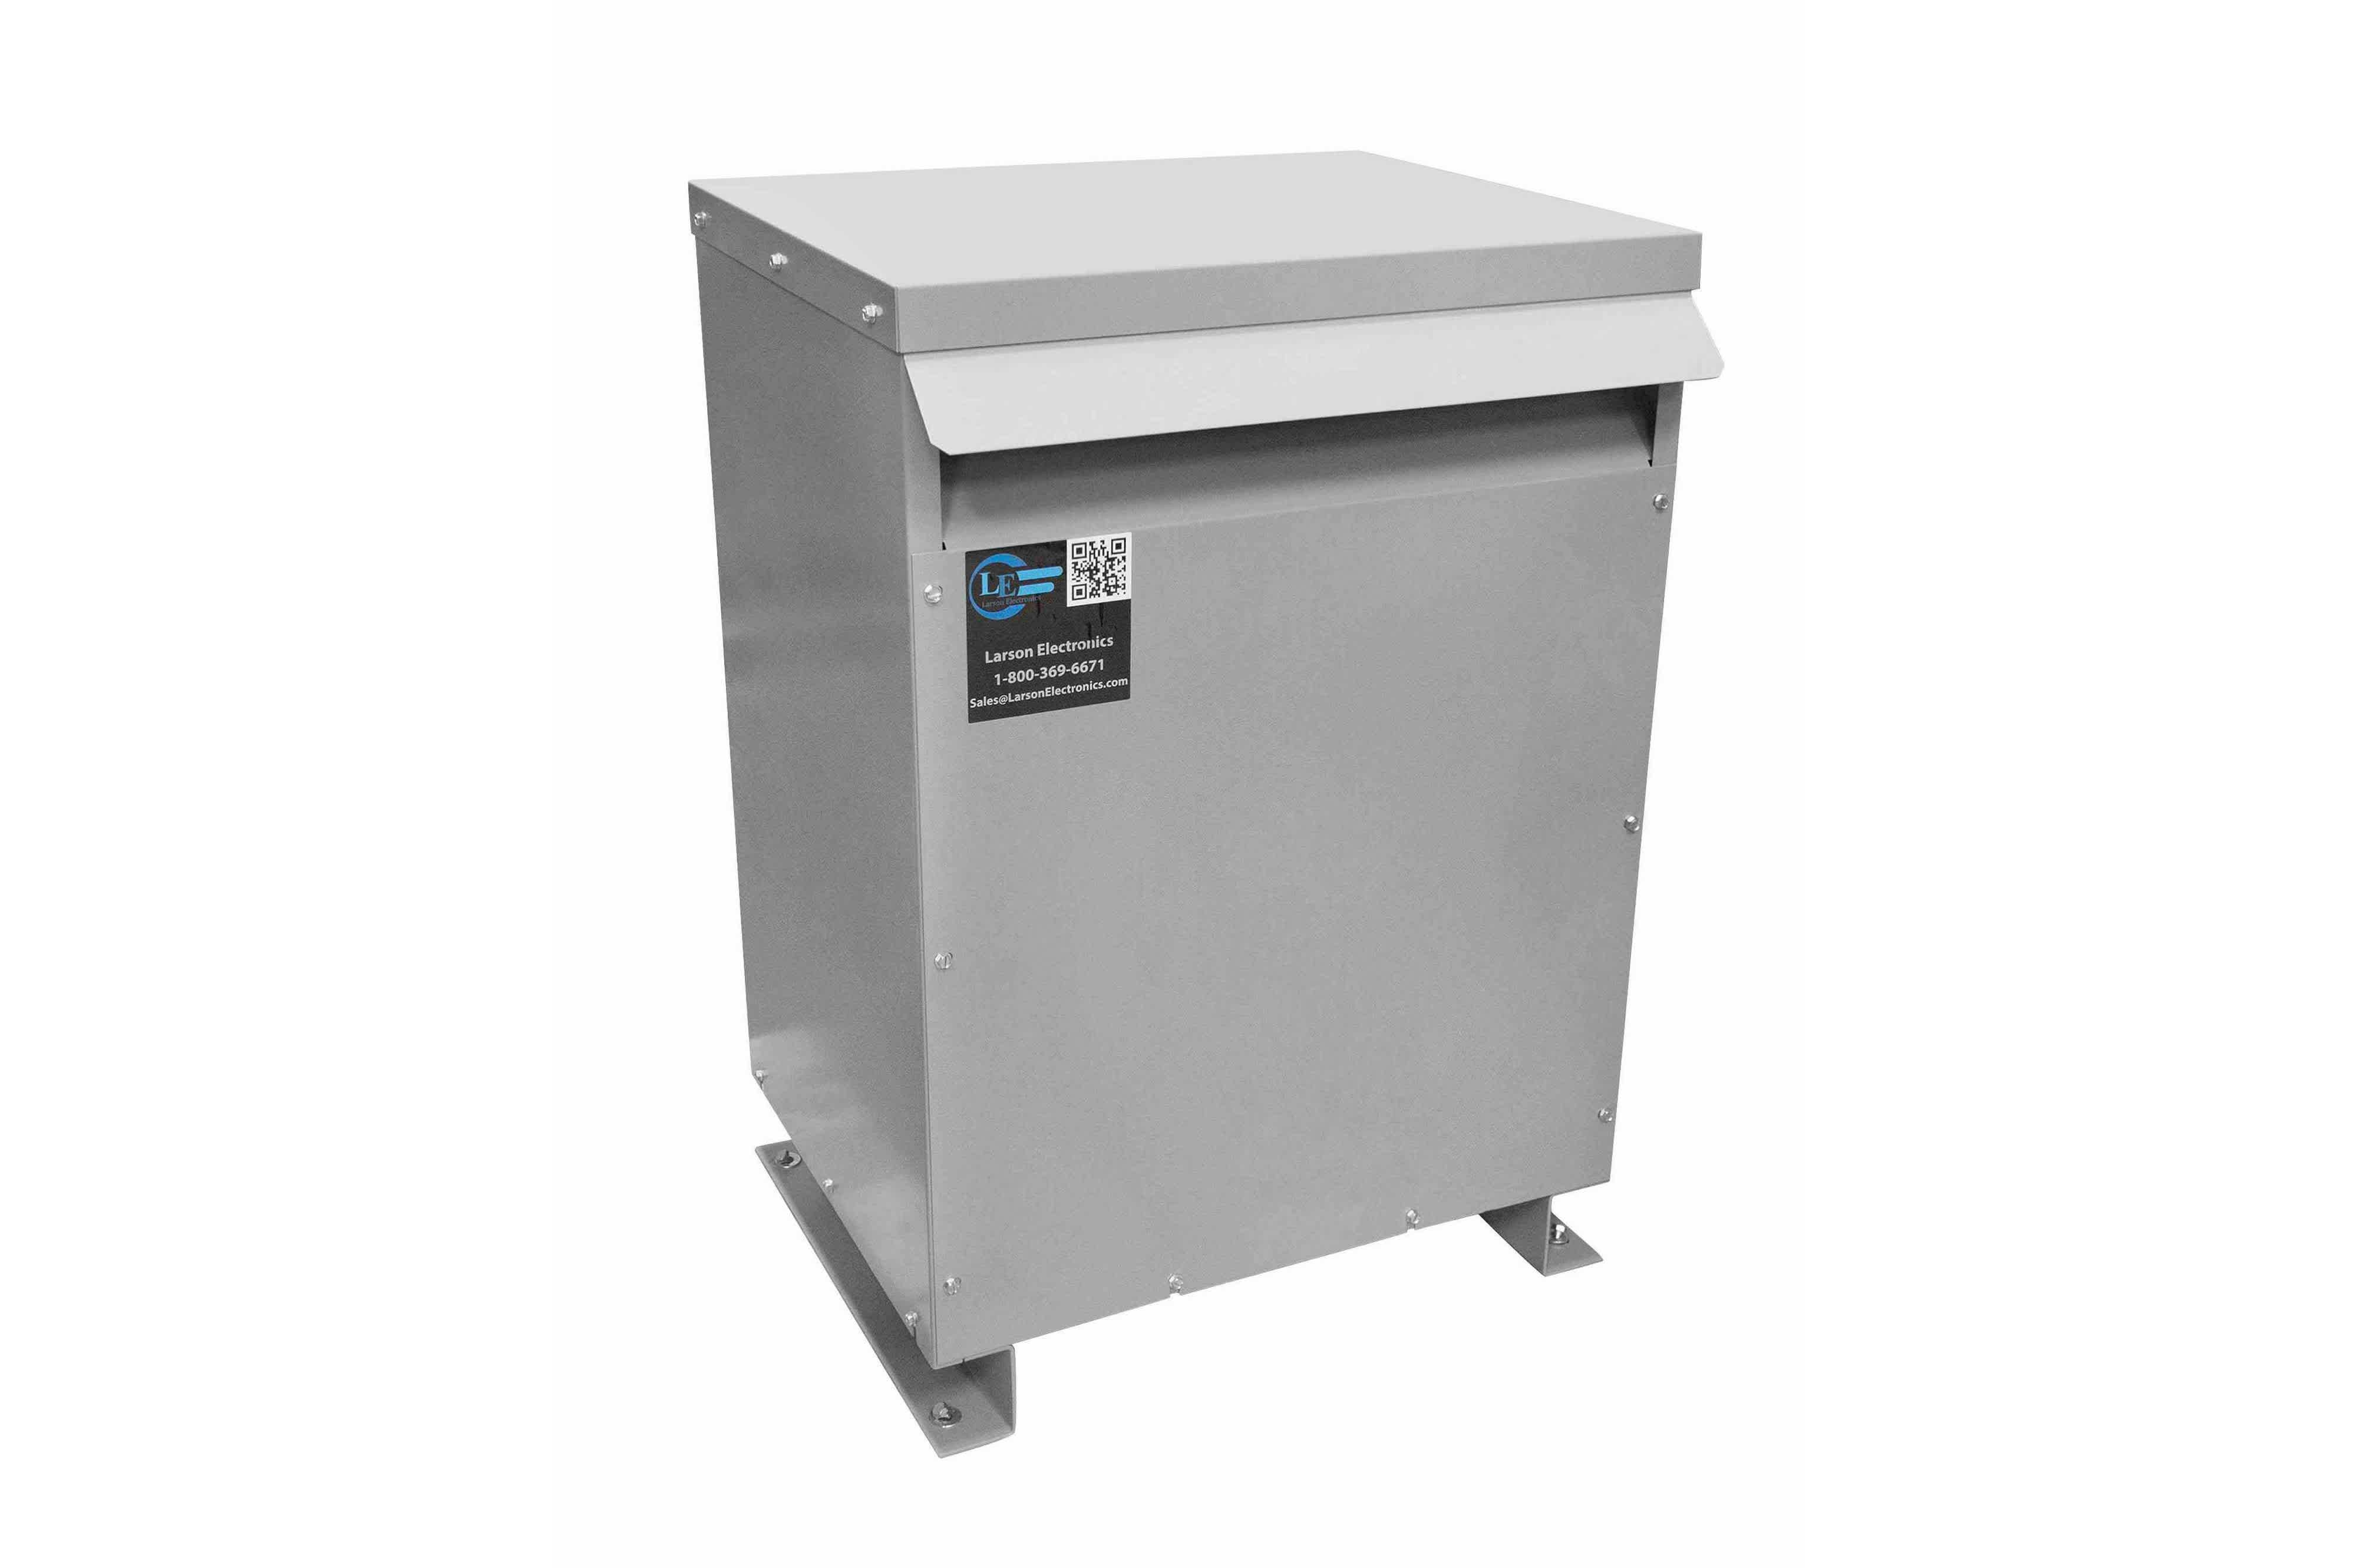 65 kVA 3PH Isolation Transformer, 400V Delta Primary, 600V Delta Secondary, N3R, Ventilated, 60 Hz